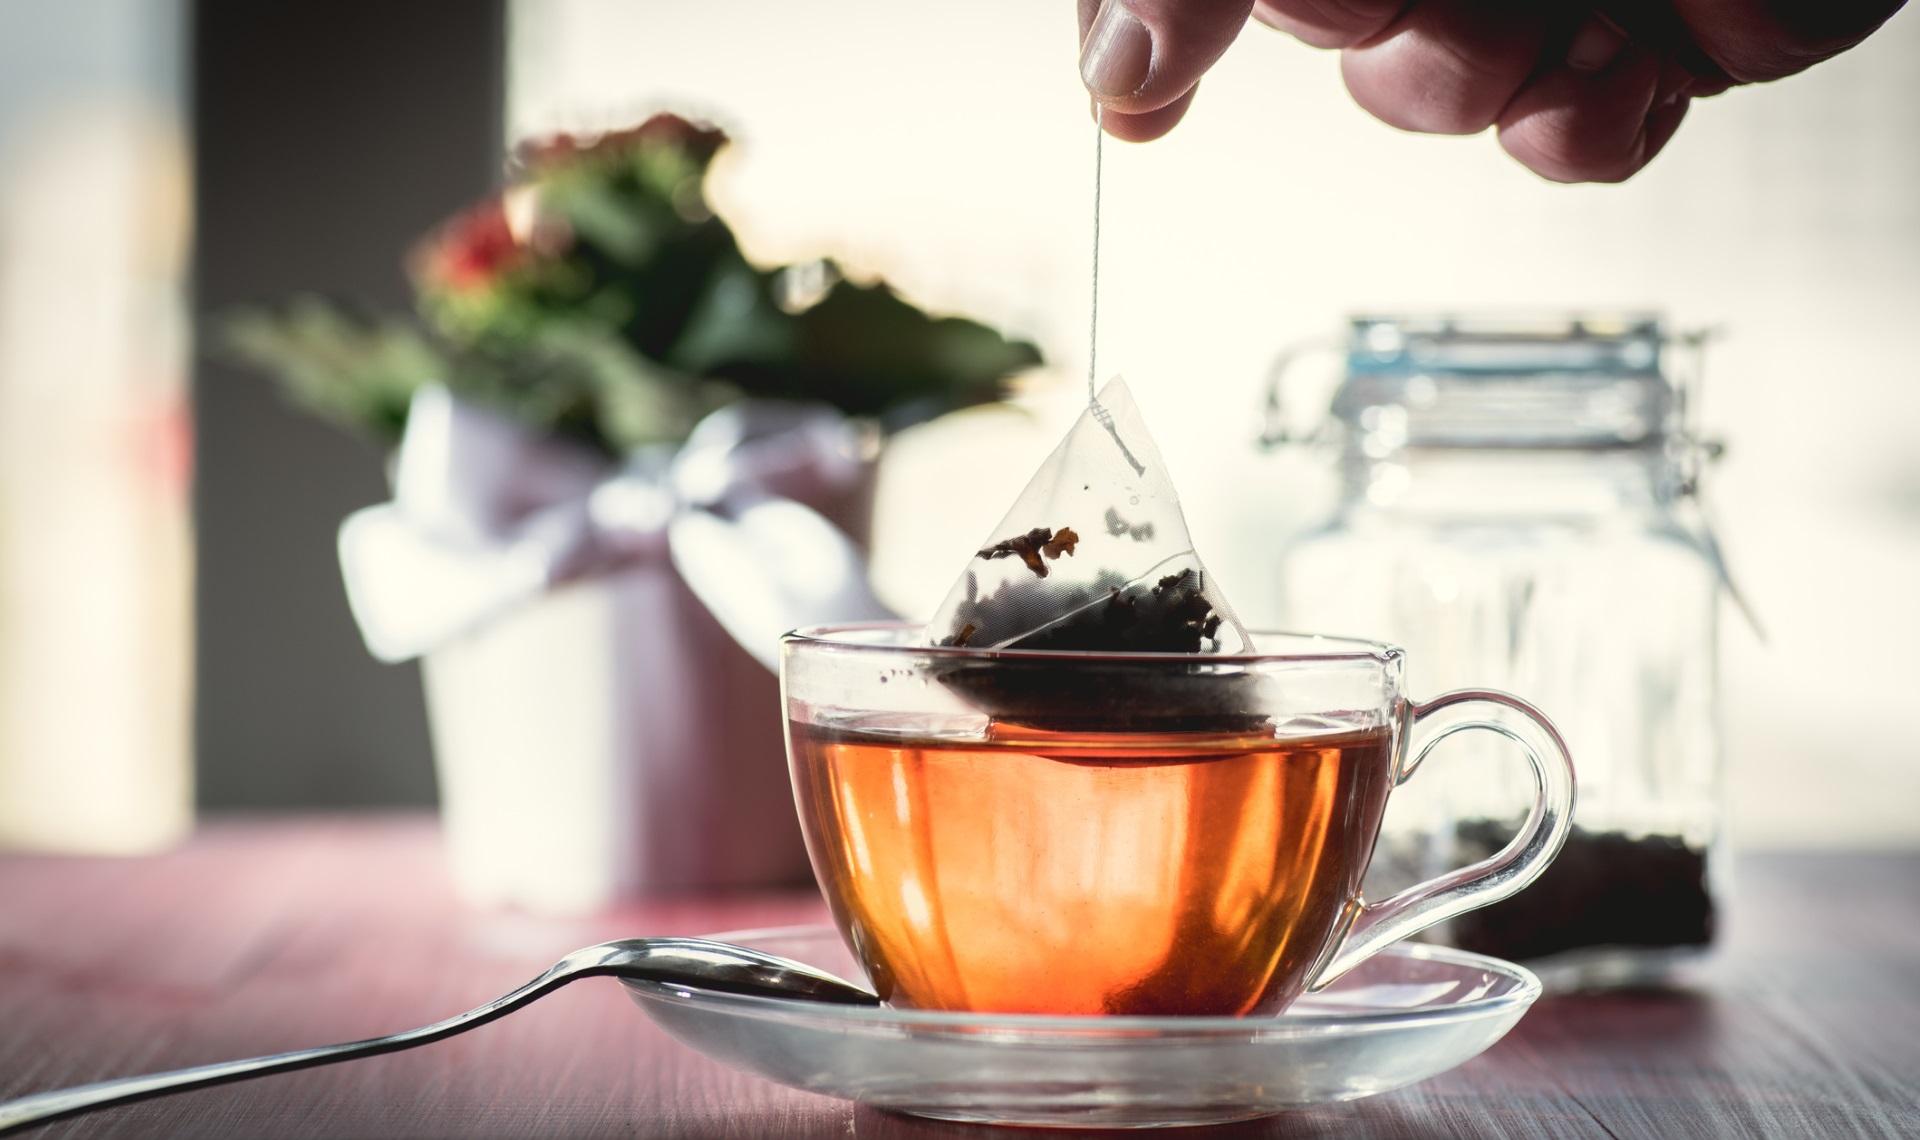 <p>Чували ли сте, че разбъркването на чая ви по посока на часовниковата стрелка ще провокира неприятности? Друго поверие пък гласи, че ако слагате захар вместо мед в чая, никога няма да се омъжите.</p>